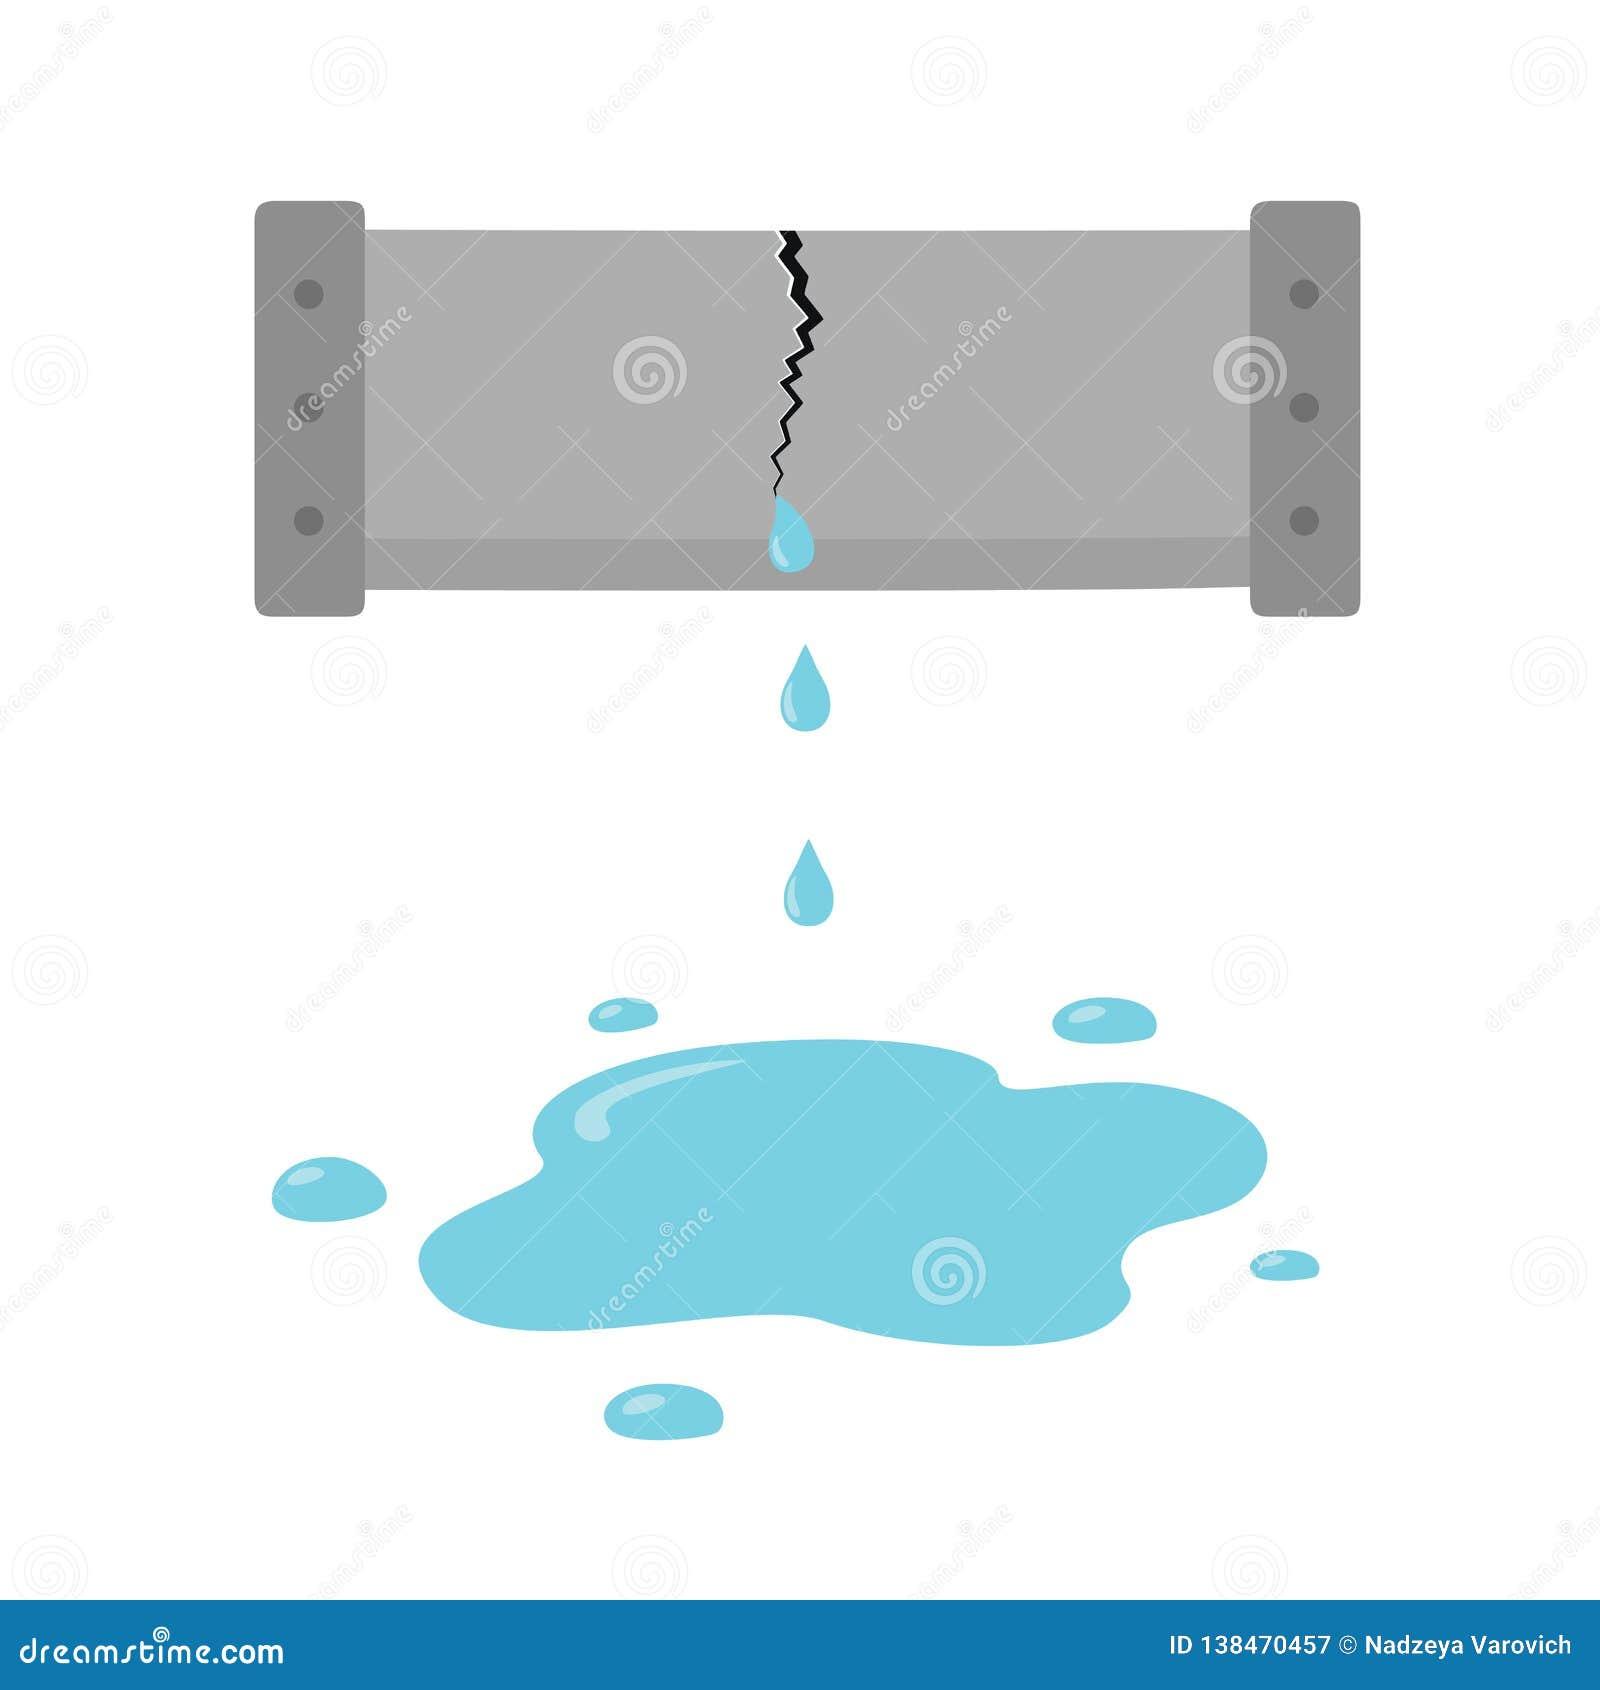 Η ρωγμή στο σωλήνα Στάζοντας εικονίδιο υδροσωλήνων, σπάσιμο σαλπίγγων στο ύφος κινούμενων σχεδίων στο άσπρο υπόβαθρο